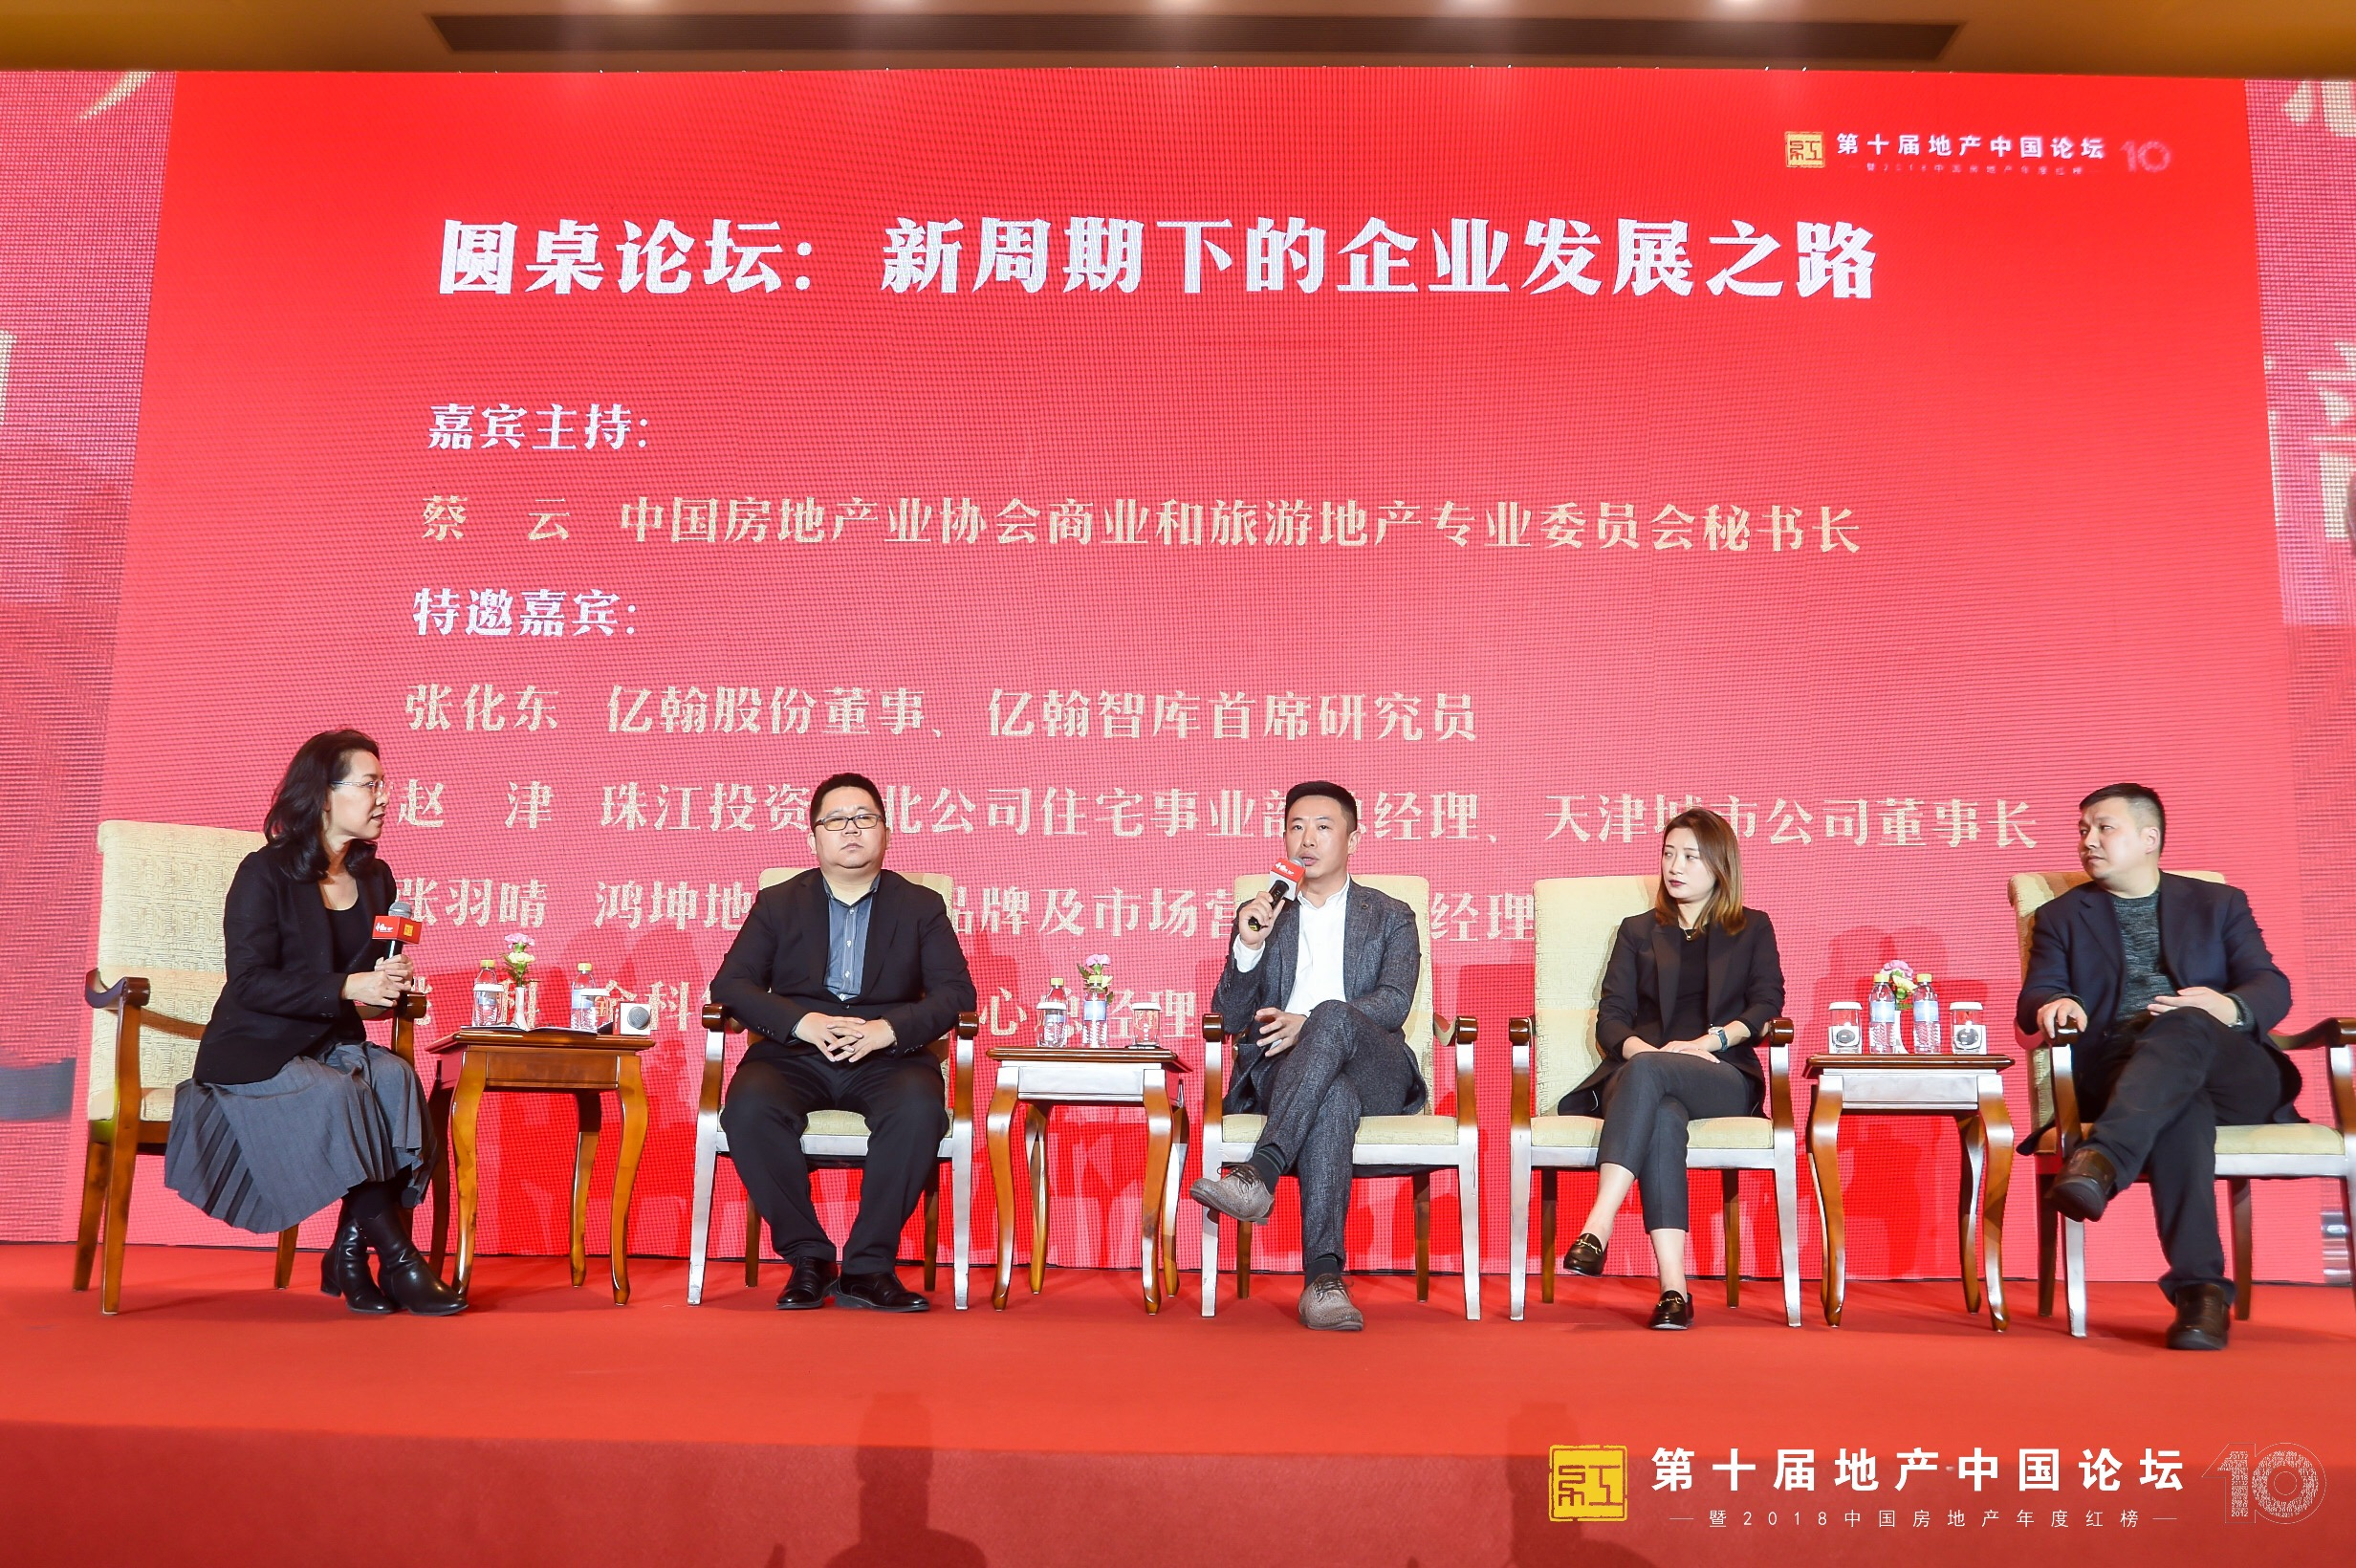 去地产化实为多元化 房企需回归核心-中国网地产